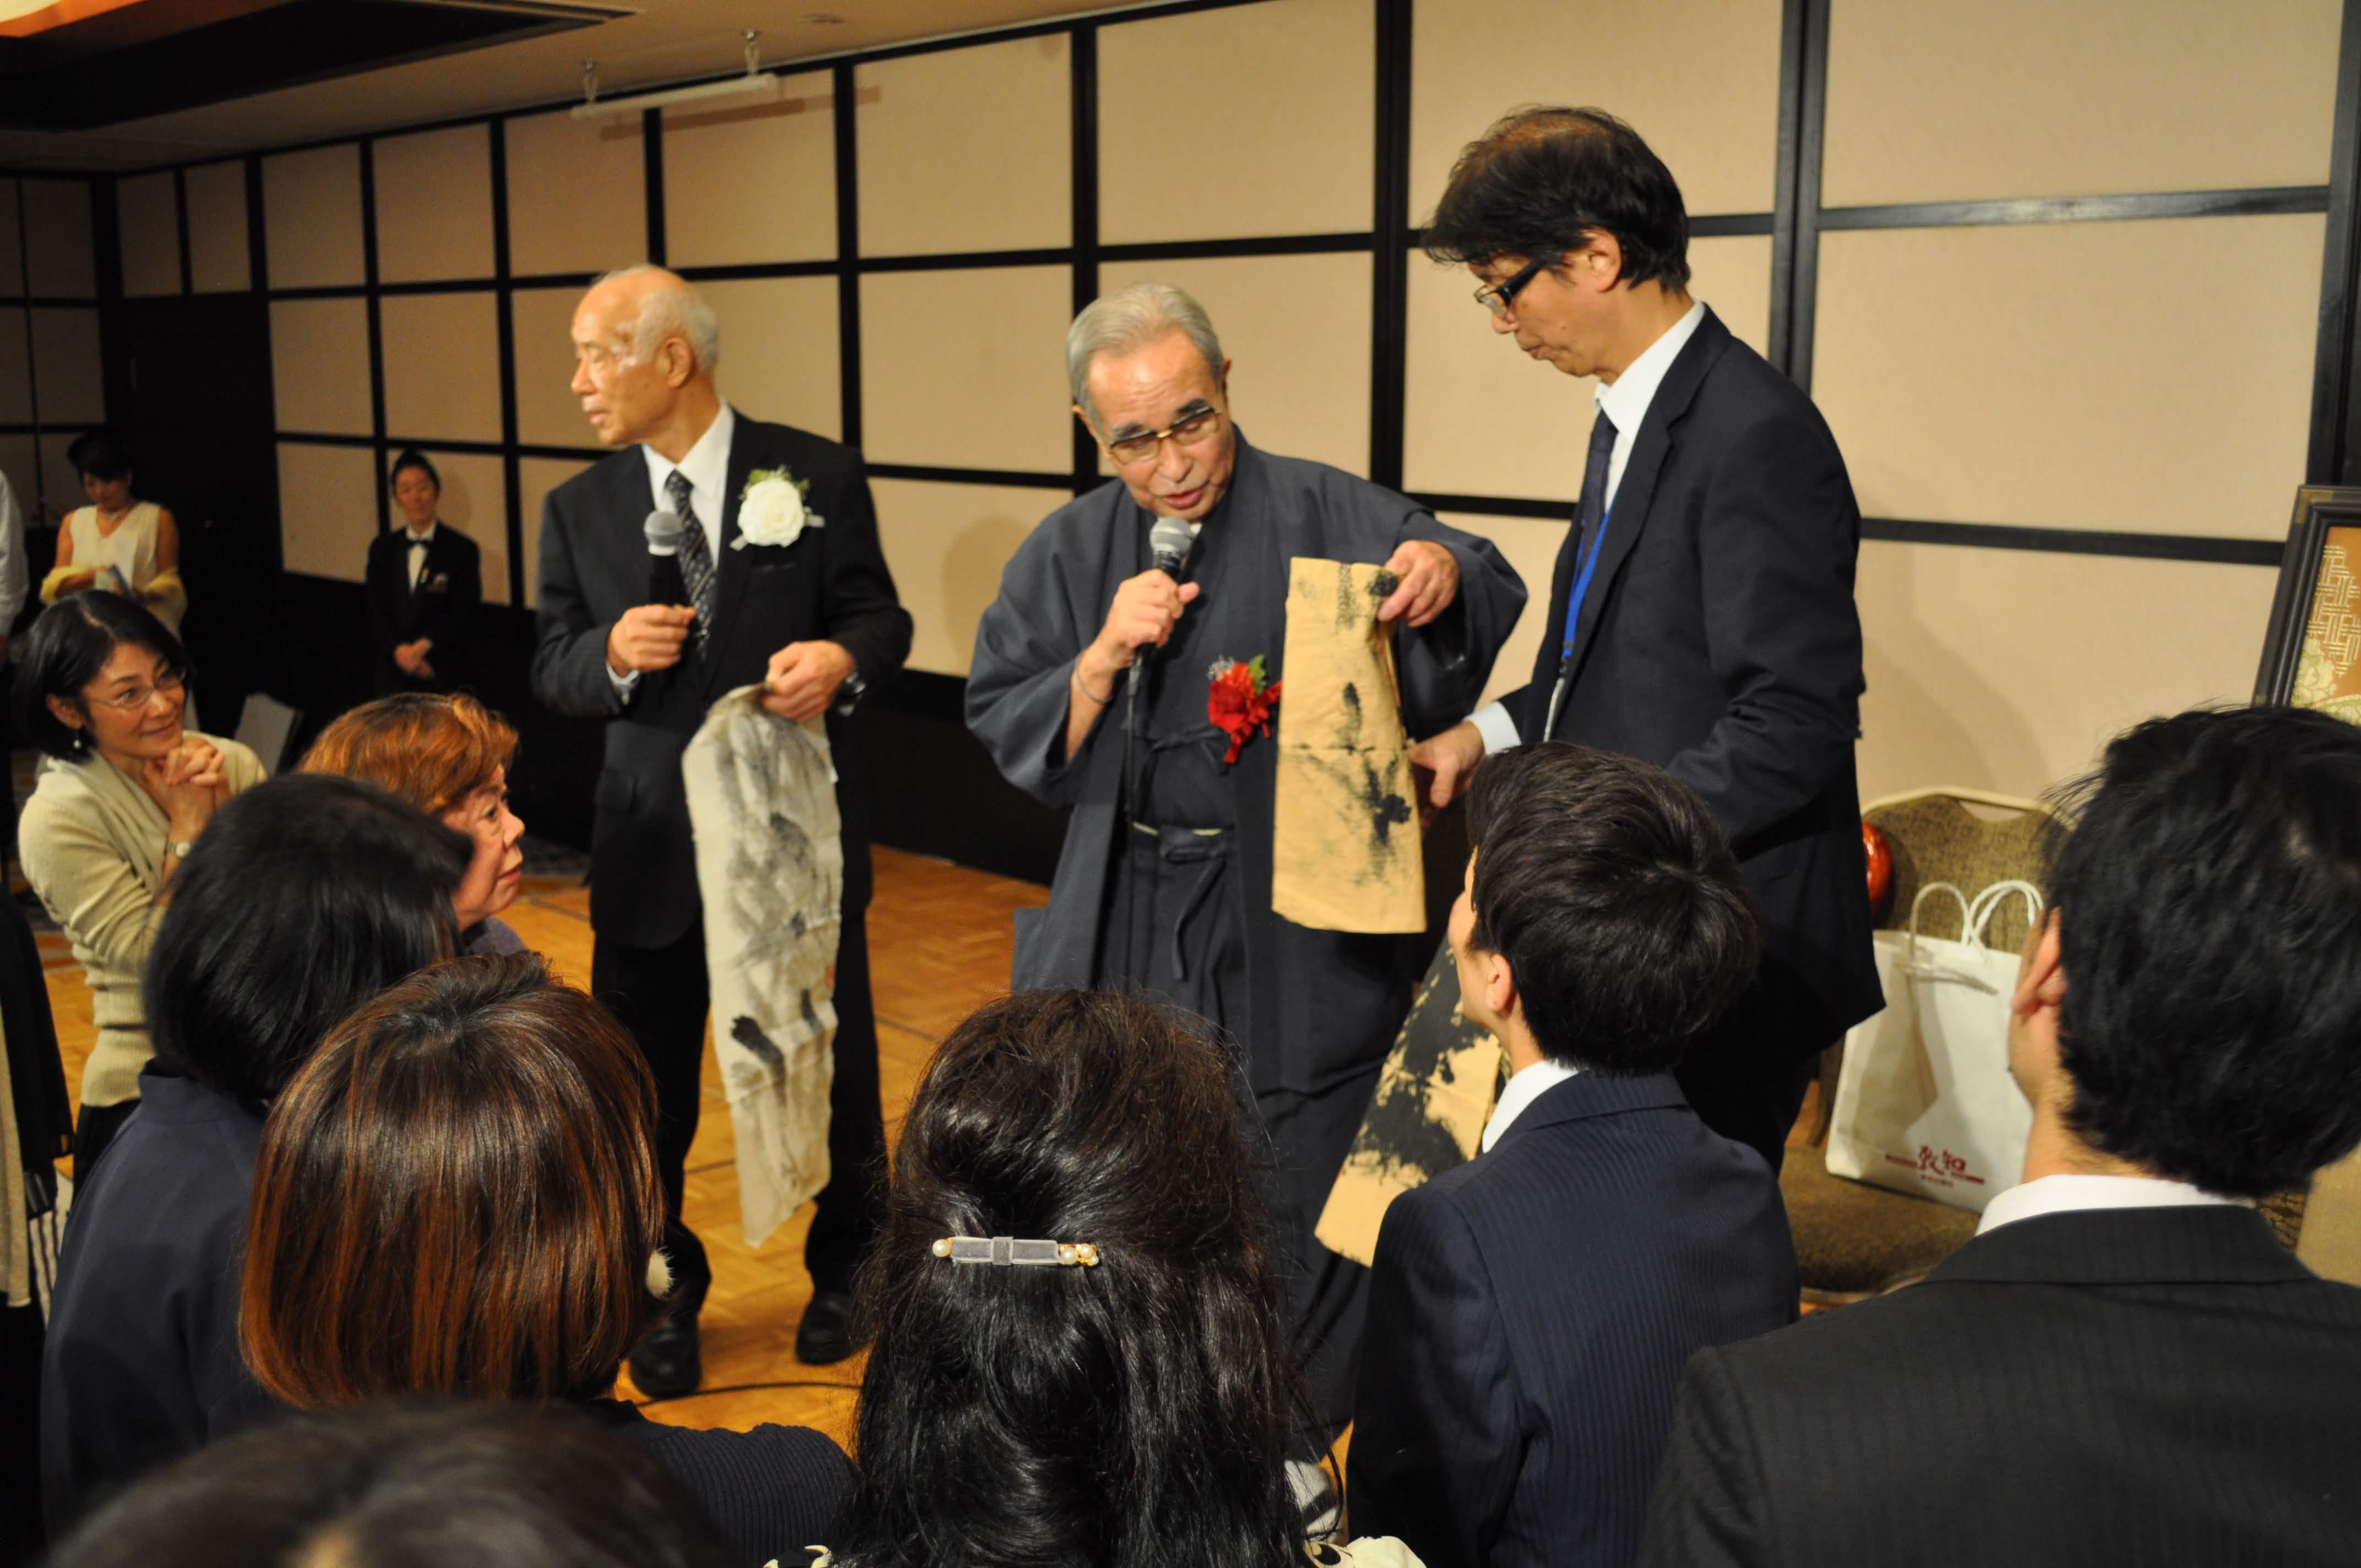 DSC 0592 1 - 思風会全国大会in広島